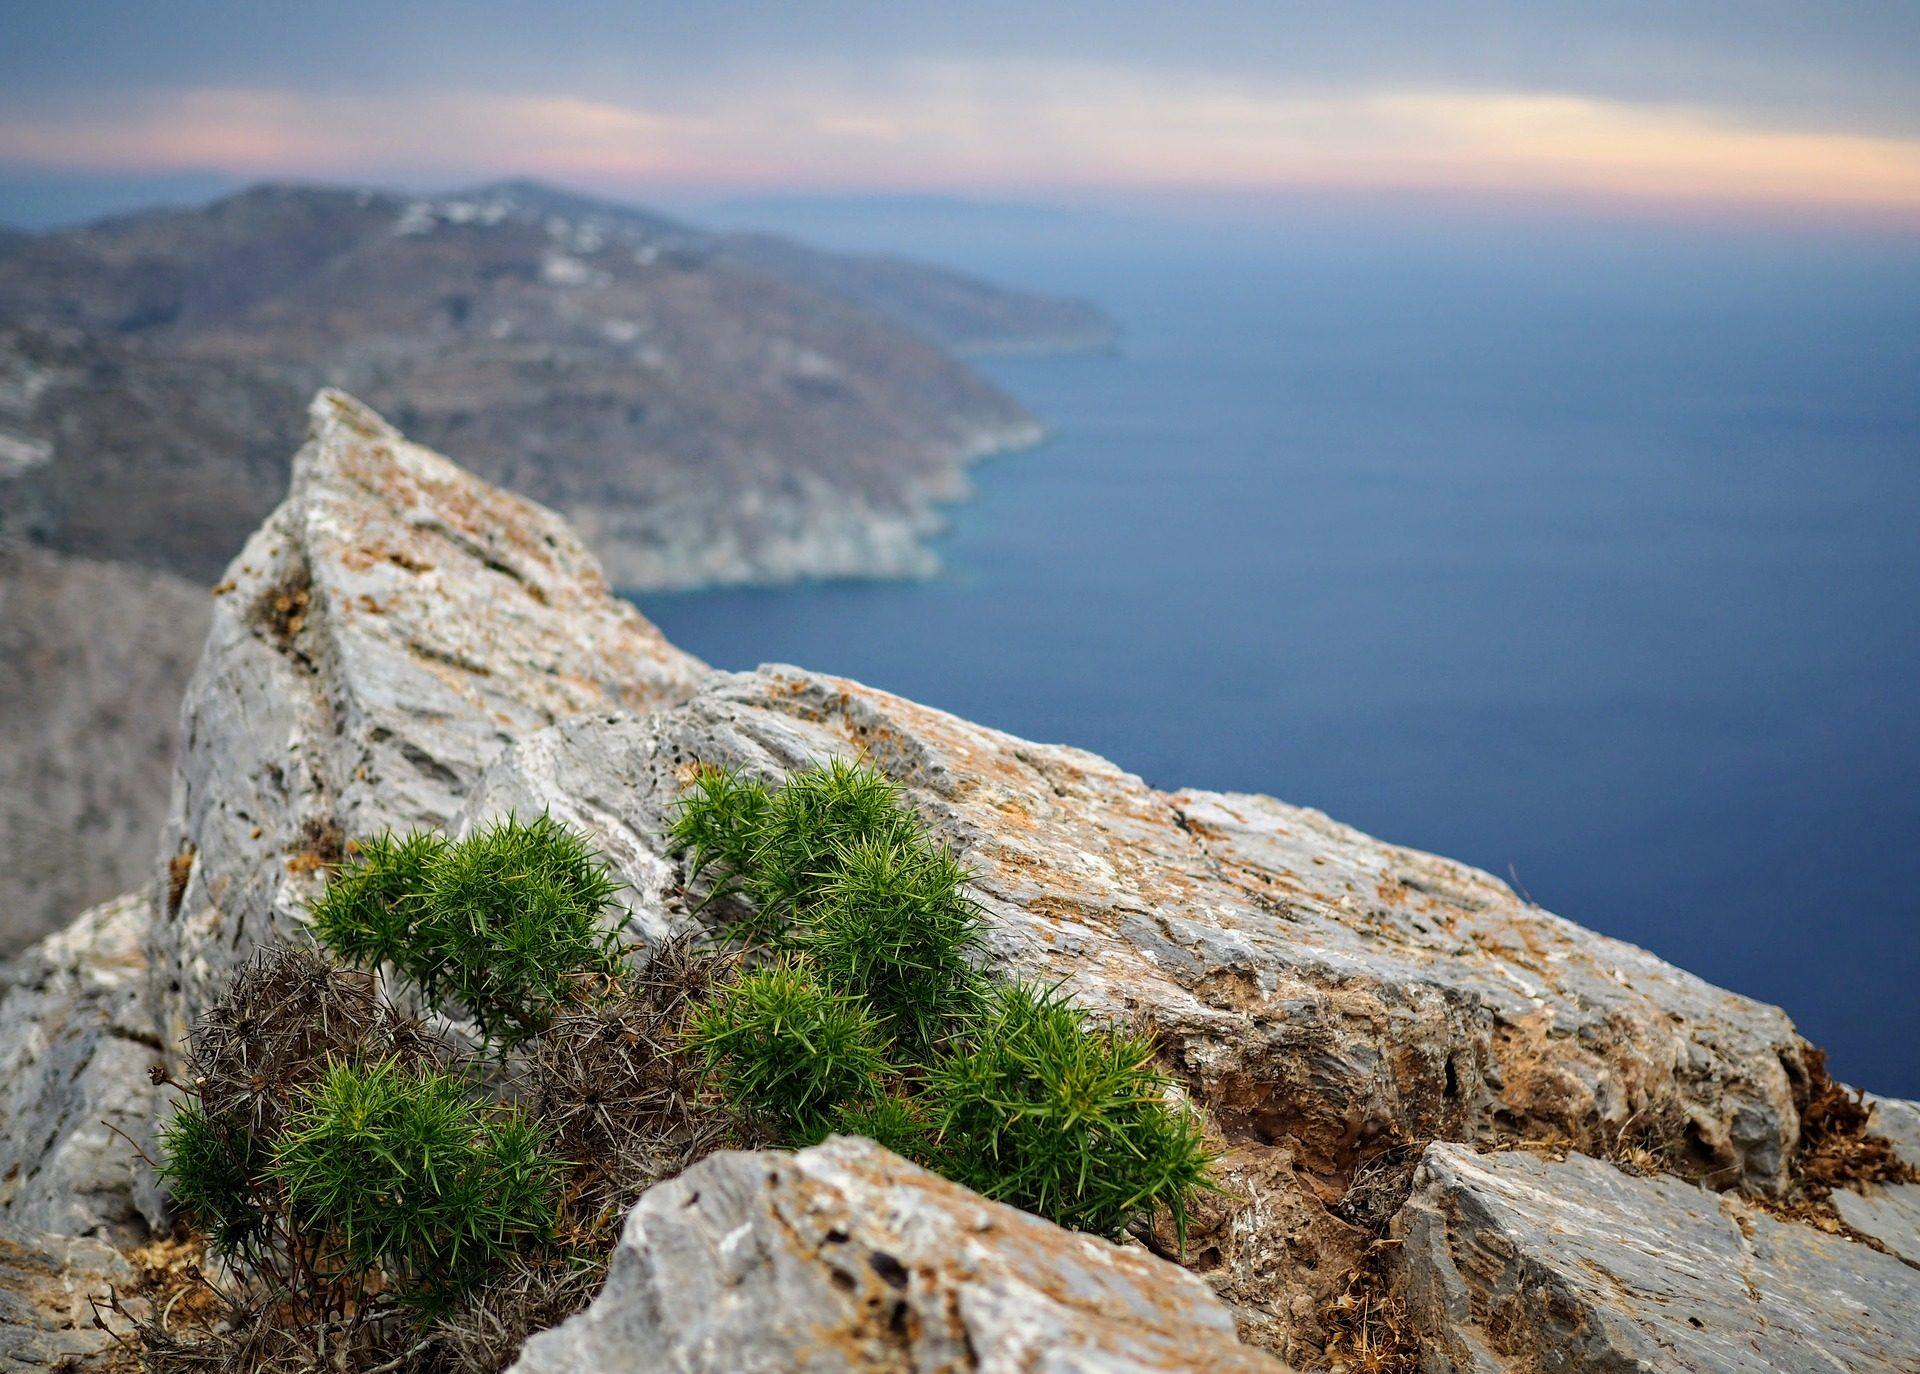 Montañas, altezza, Mare, Ocean, orizzonte, calma - Sfondi HD - Professor-falken.com